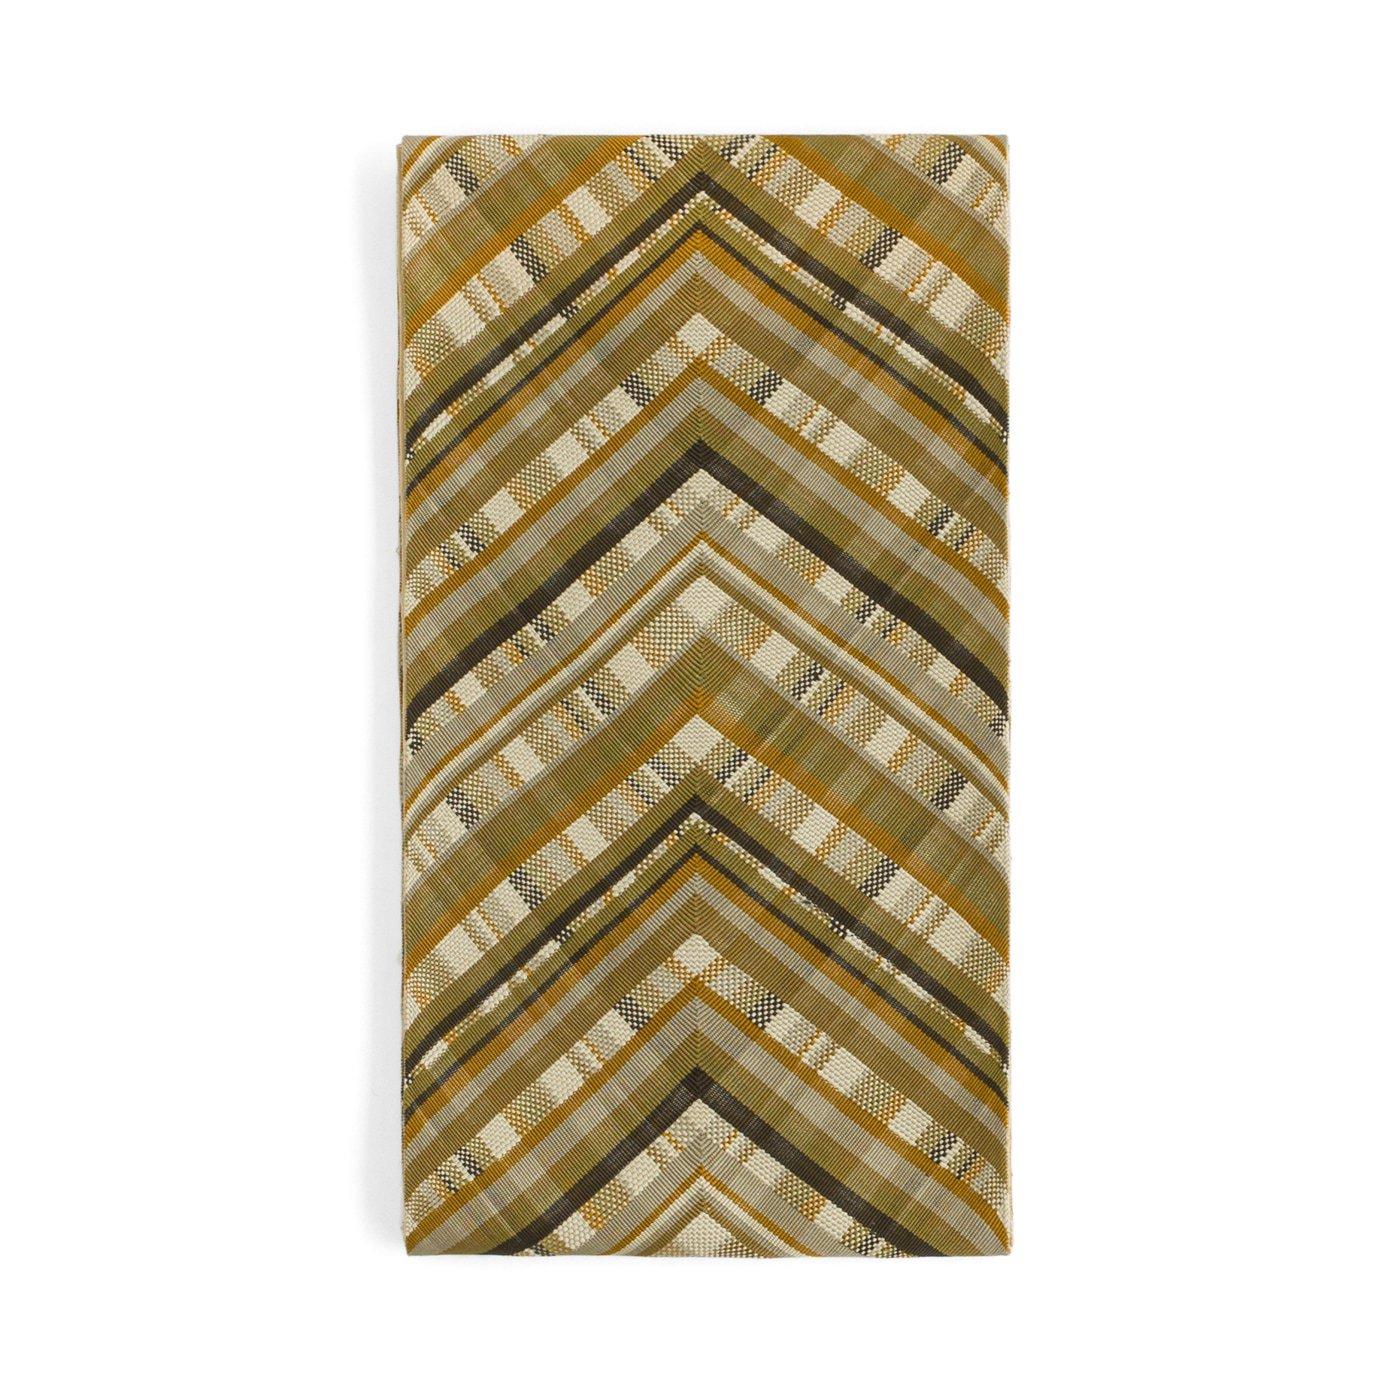 「洒落袋帯●矢印格子」の商品画像